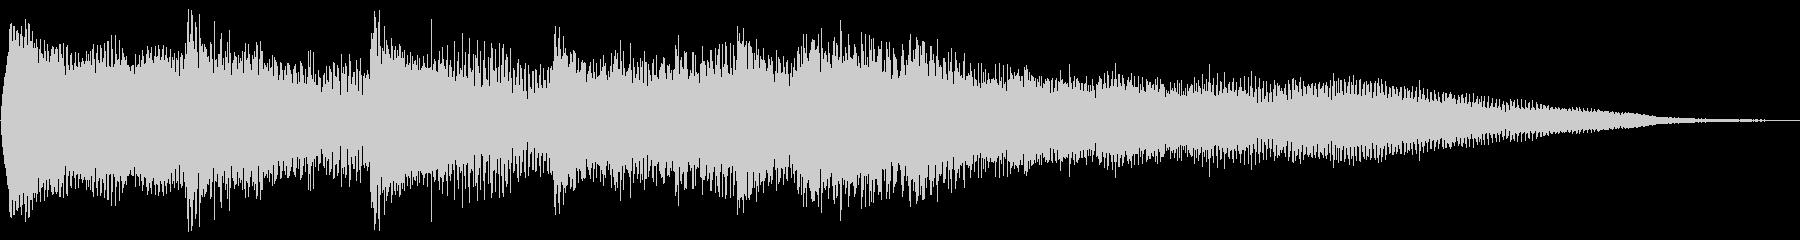 サウンドロゴ、ジングルの未再生の波形